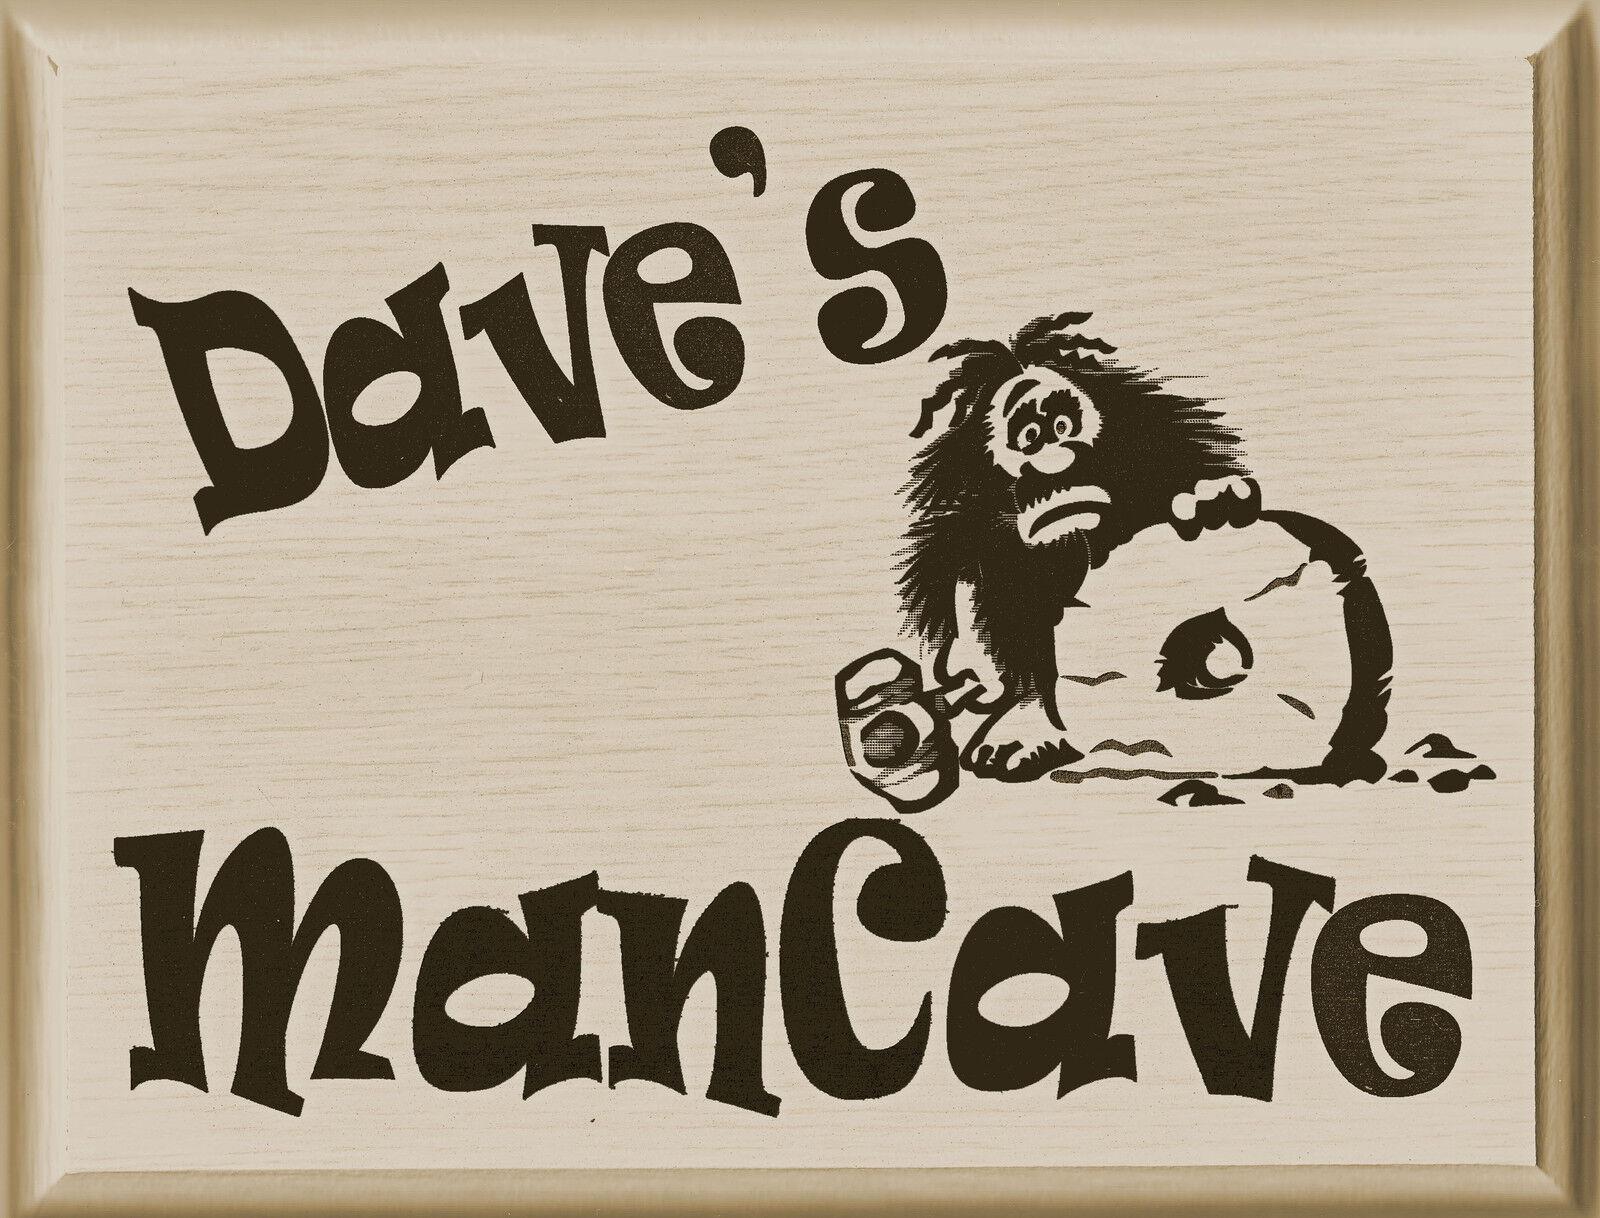 David s Man Cave Shop